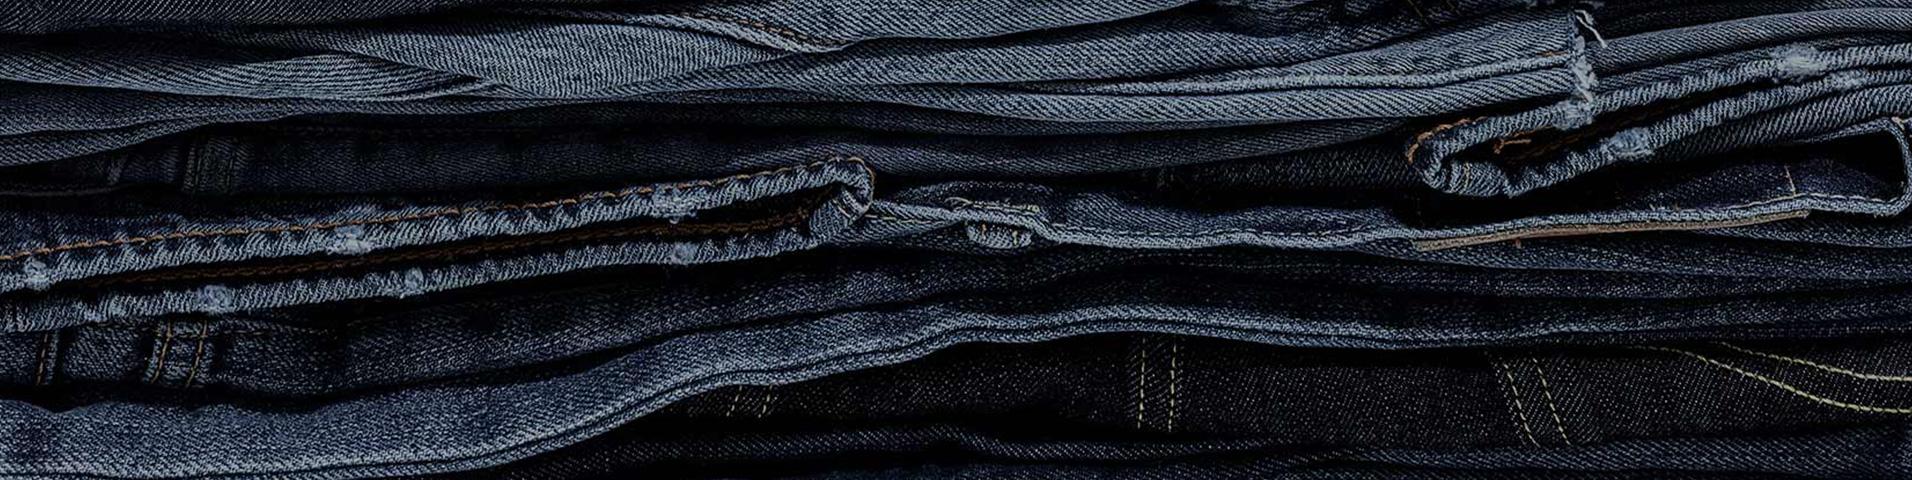 Til jeansguiden